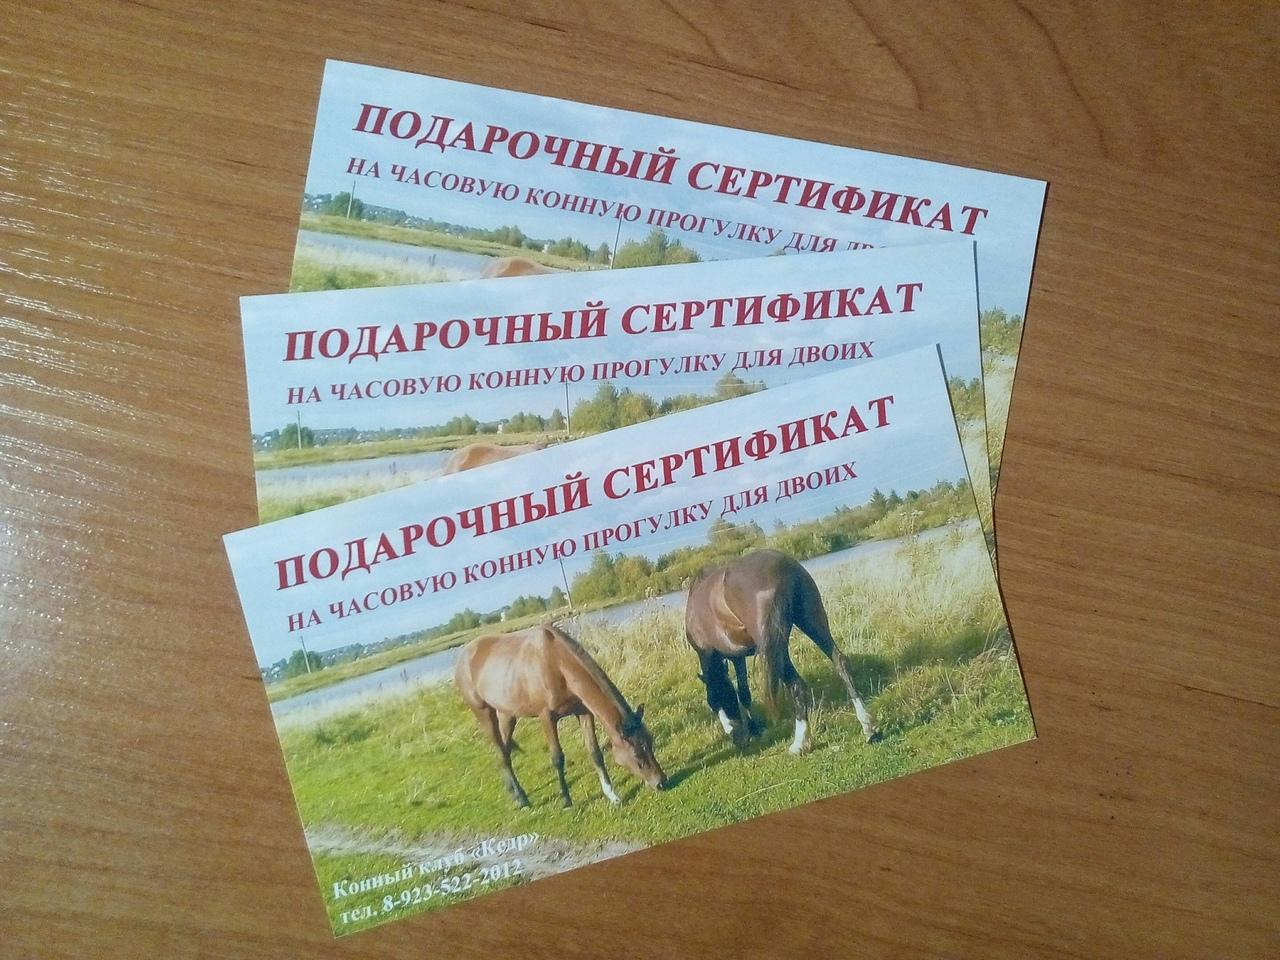 Подарочный сертификат на конную прогулку для двоих